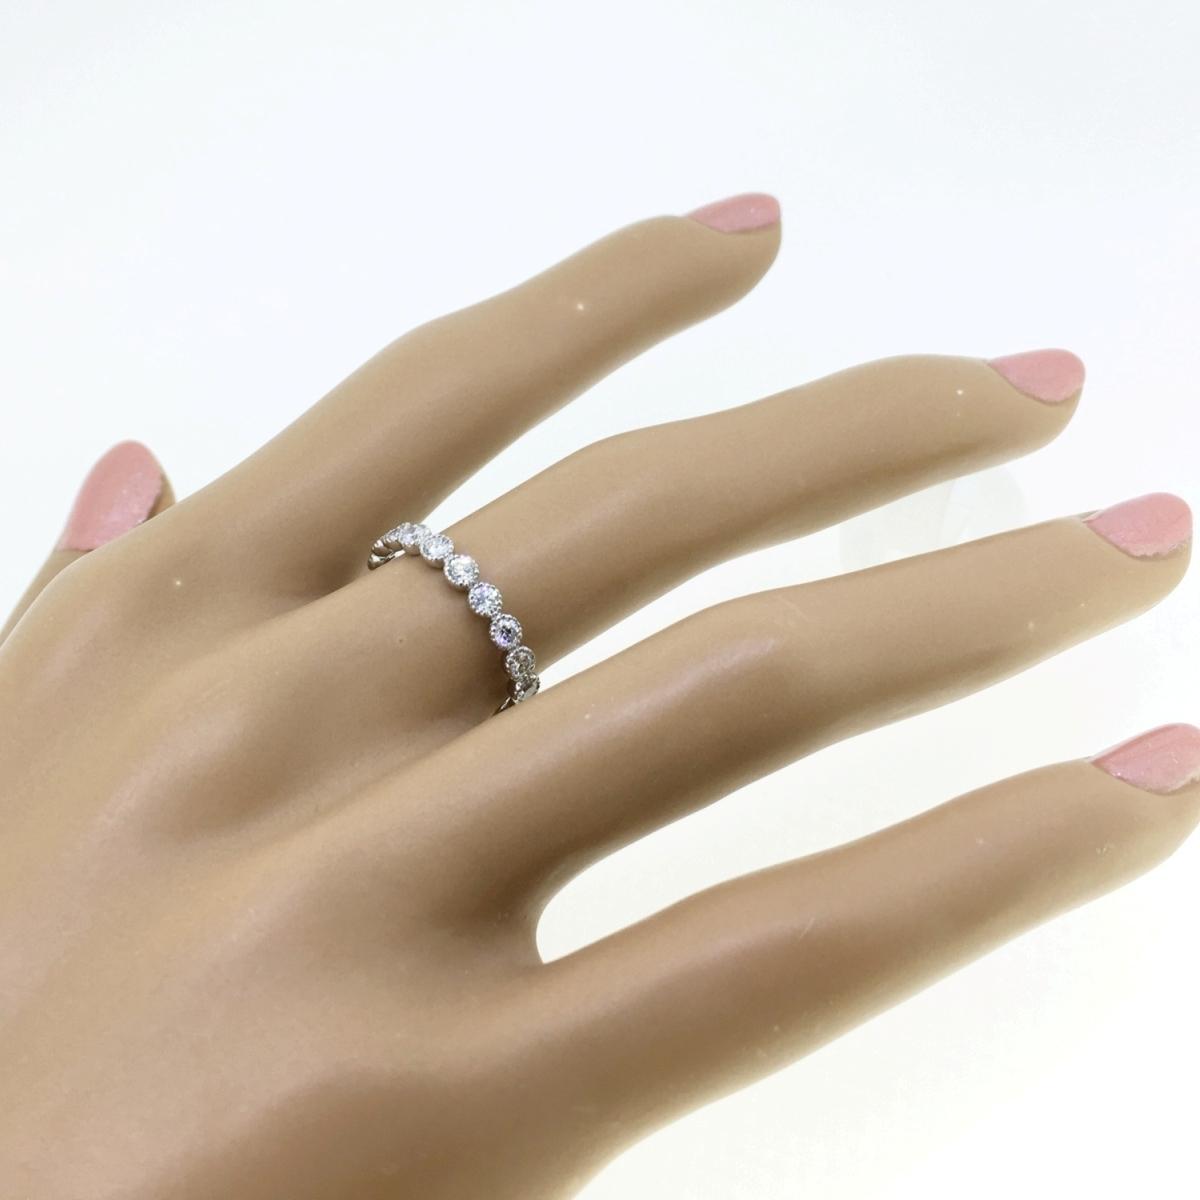 【size8号】ハード プラチナ pt900 天然diamond 0.53ct H&C 3/4 エタニティ リング【鑑別書付】_画像7